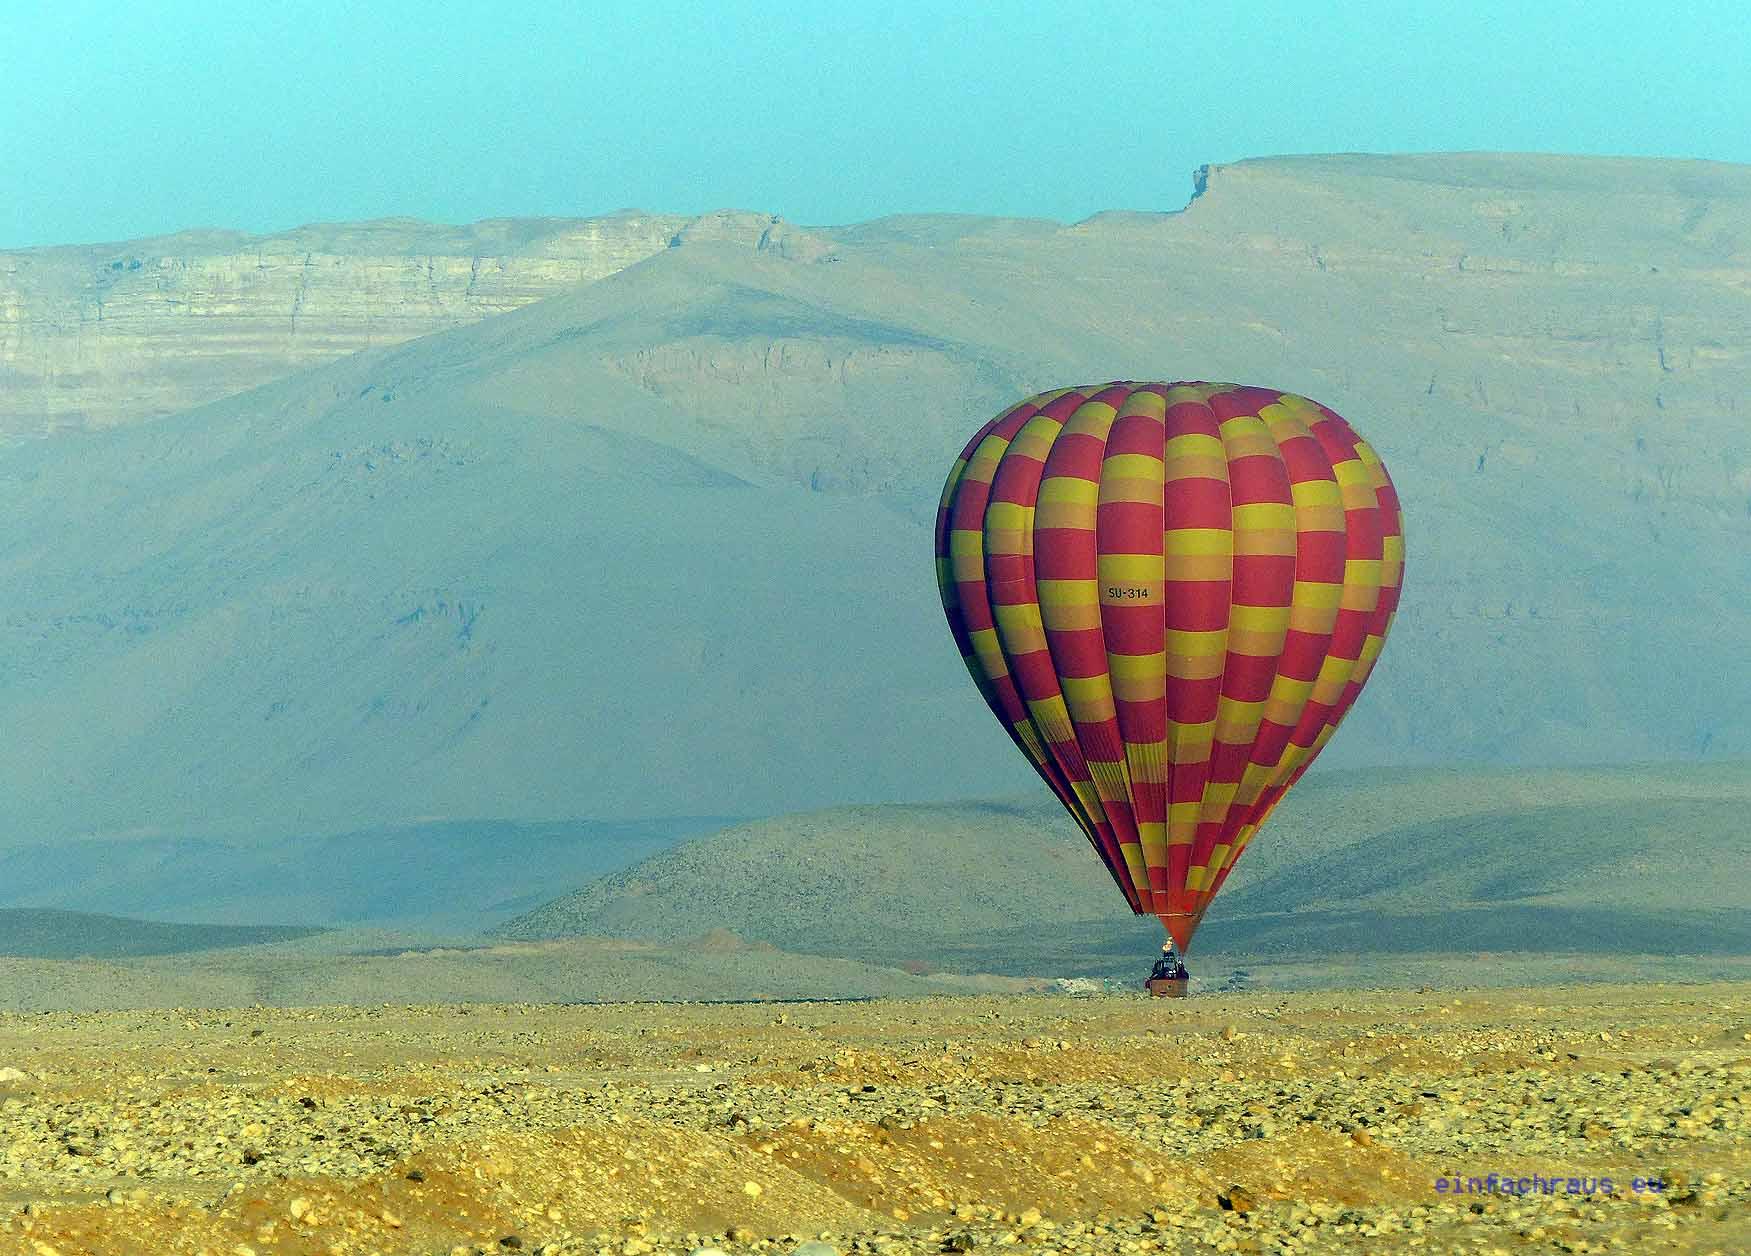 Nach einer Stunde die sanfte Landung in der Wüste von Theben-West, Foto: Weirauch